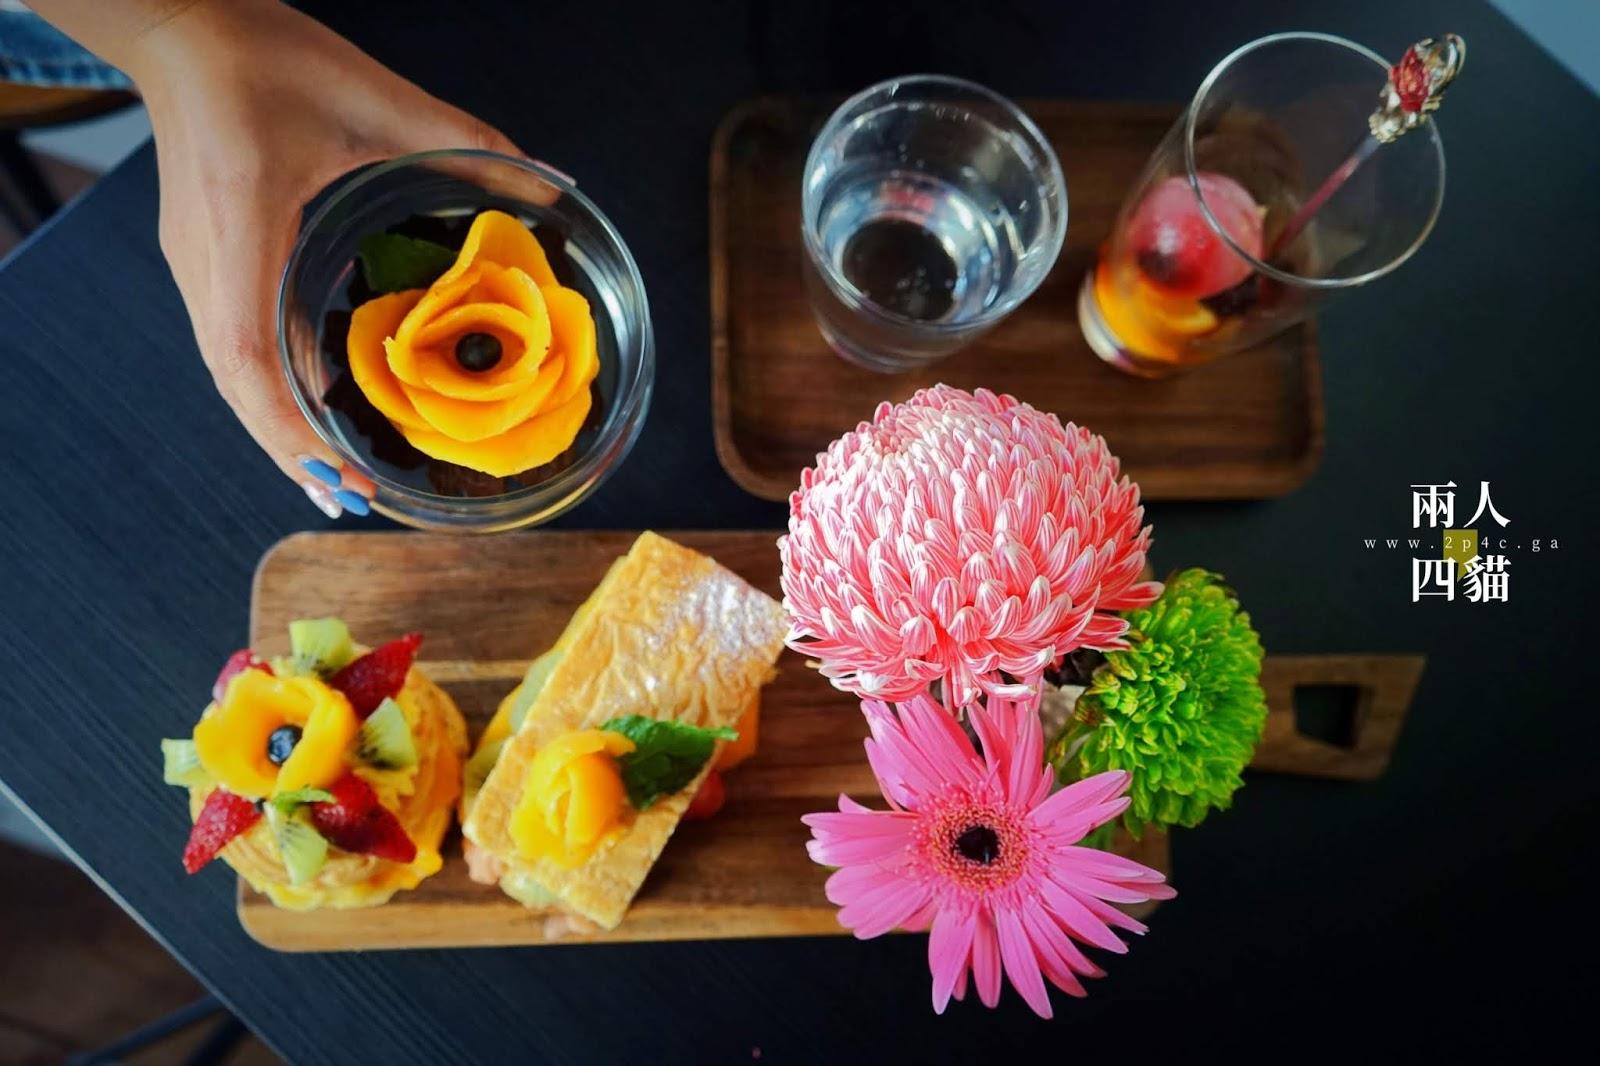 【新竹|美食】少女心噴發!新竹最強花牆咖啡廳沒有之一【荷芙亭】當季水果塔、香草烤雞好吃又好拍